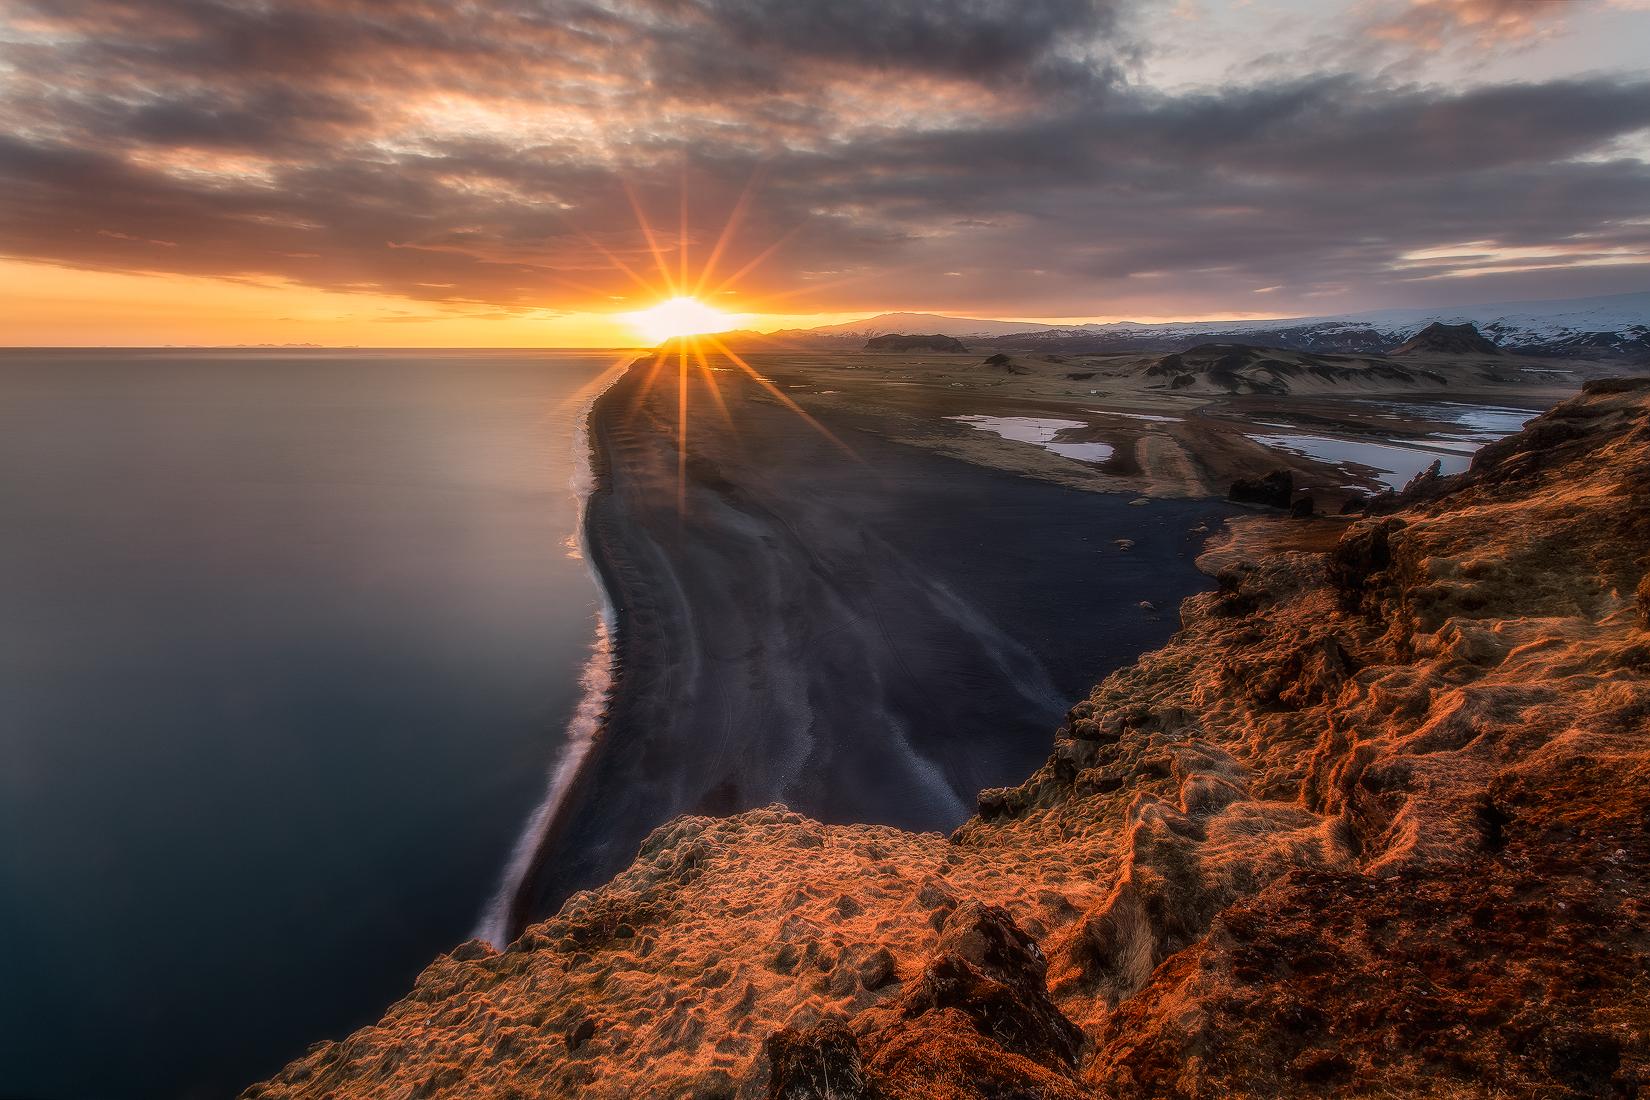 日落与冰岛南岸无尽的黑沙滩